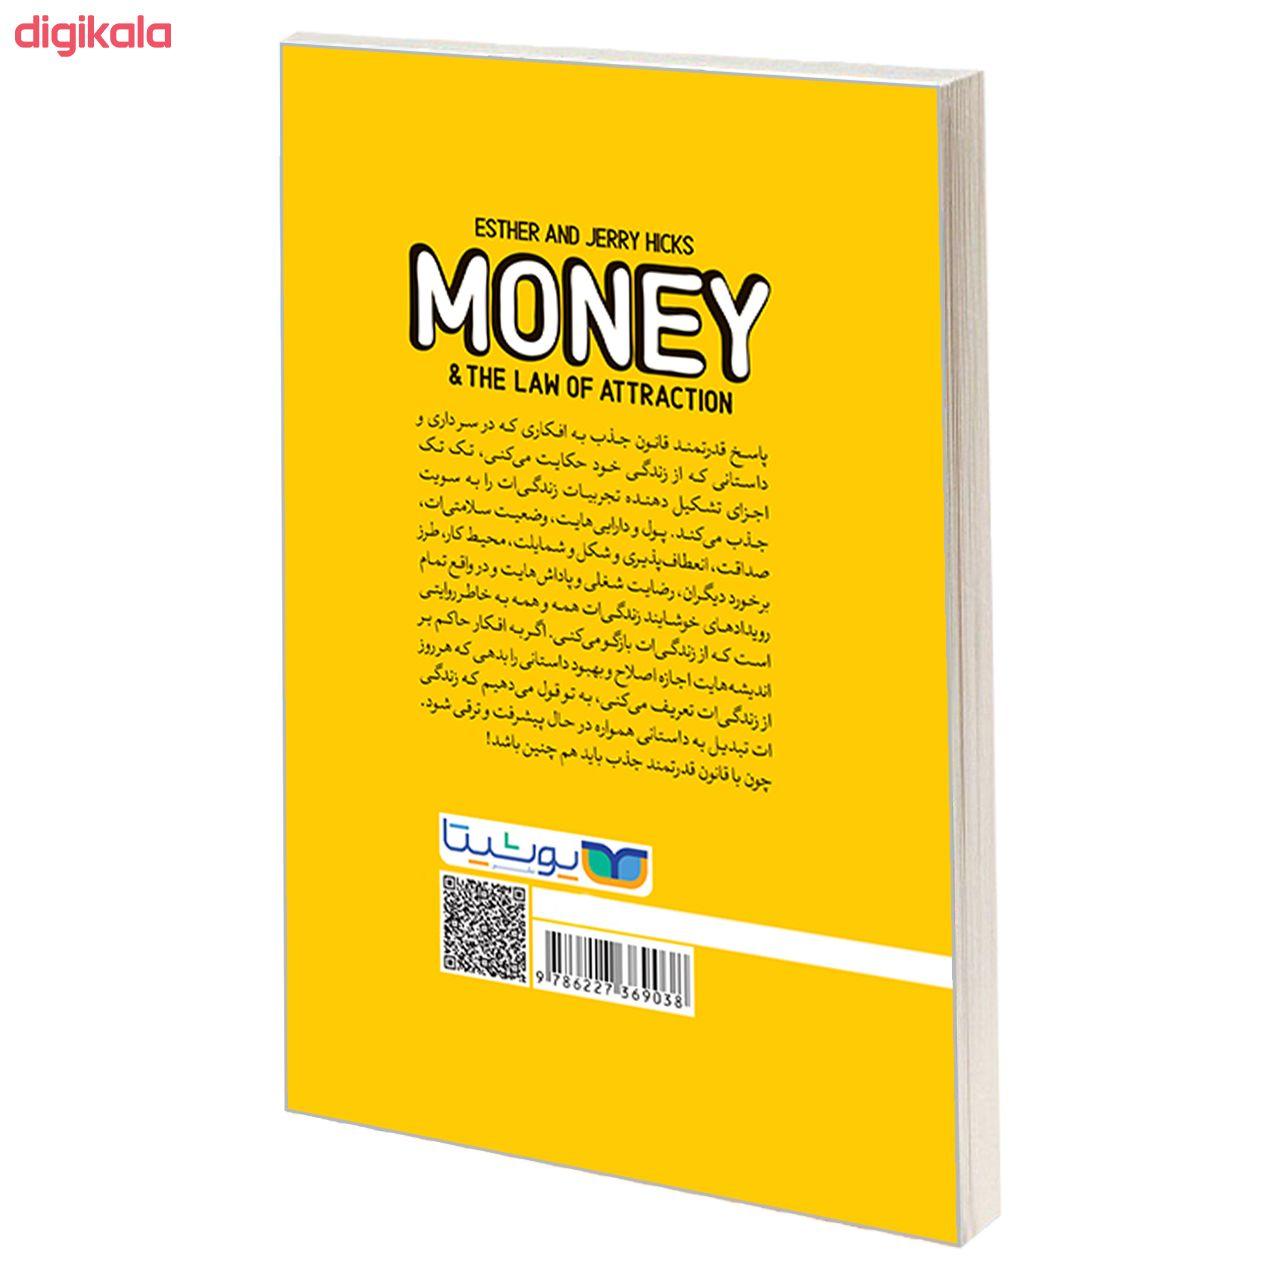 کتاب پول و قانون جذب اثر استر هیکس و جری هیکس نشر یوشیتا main 1 1